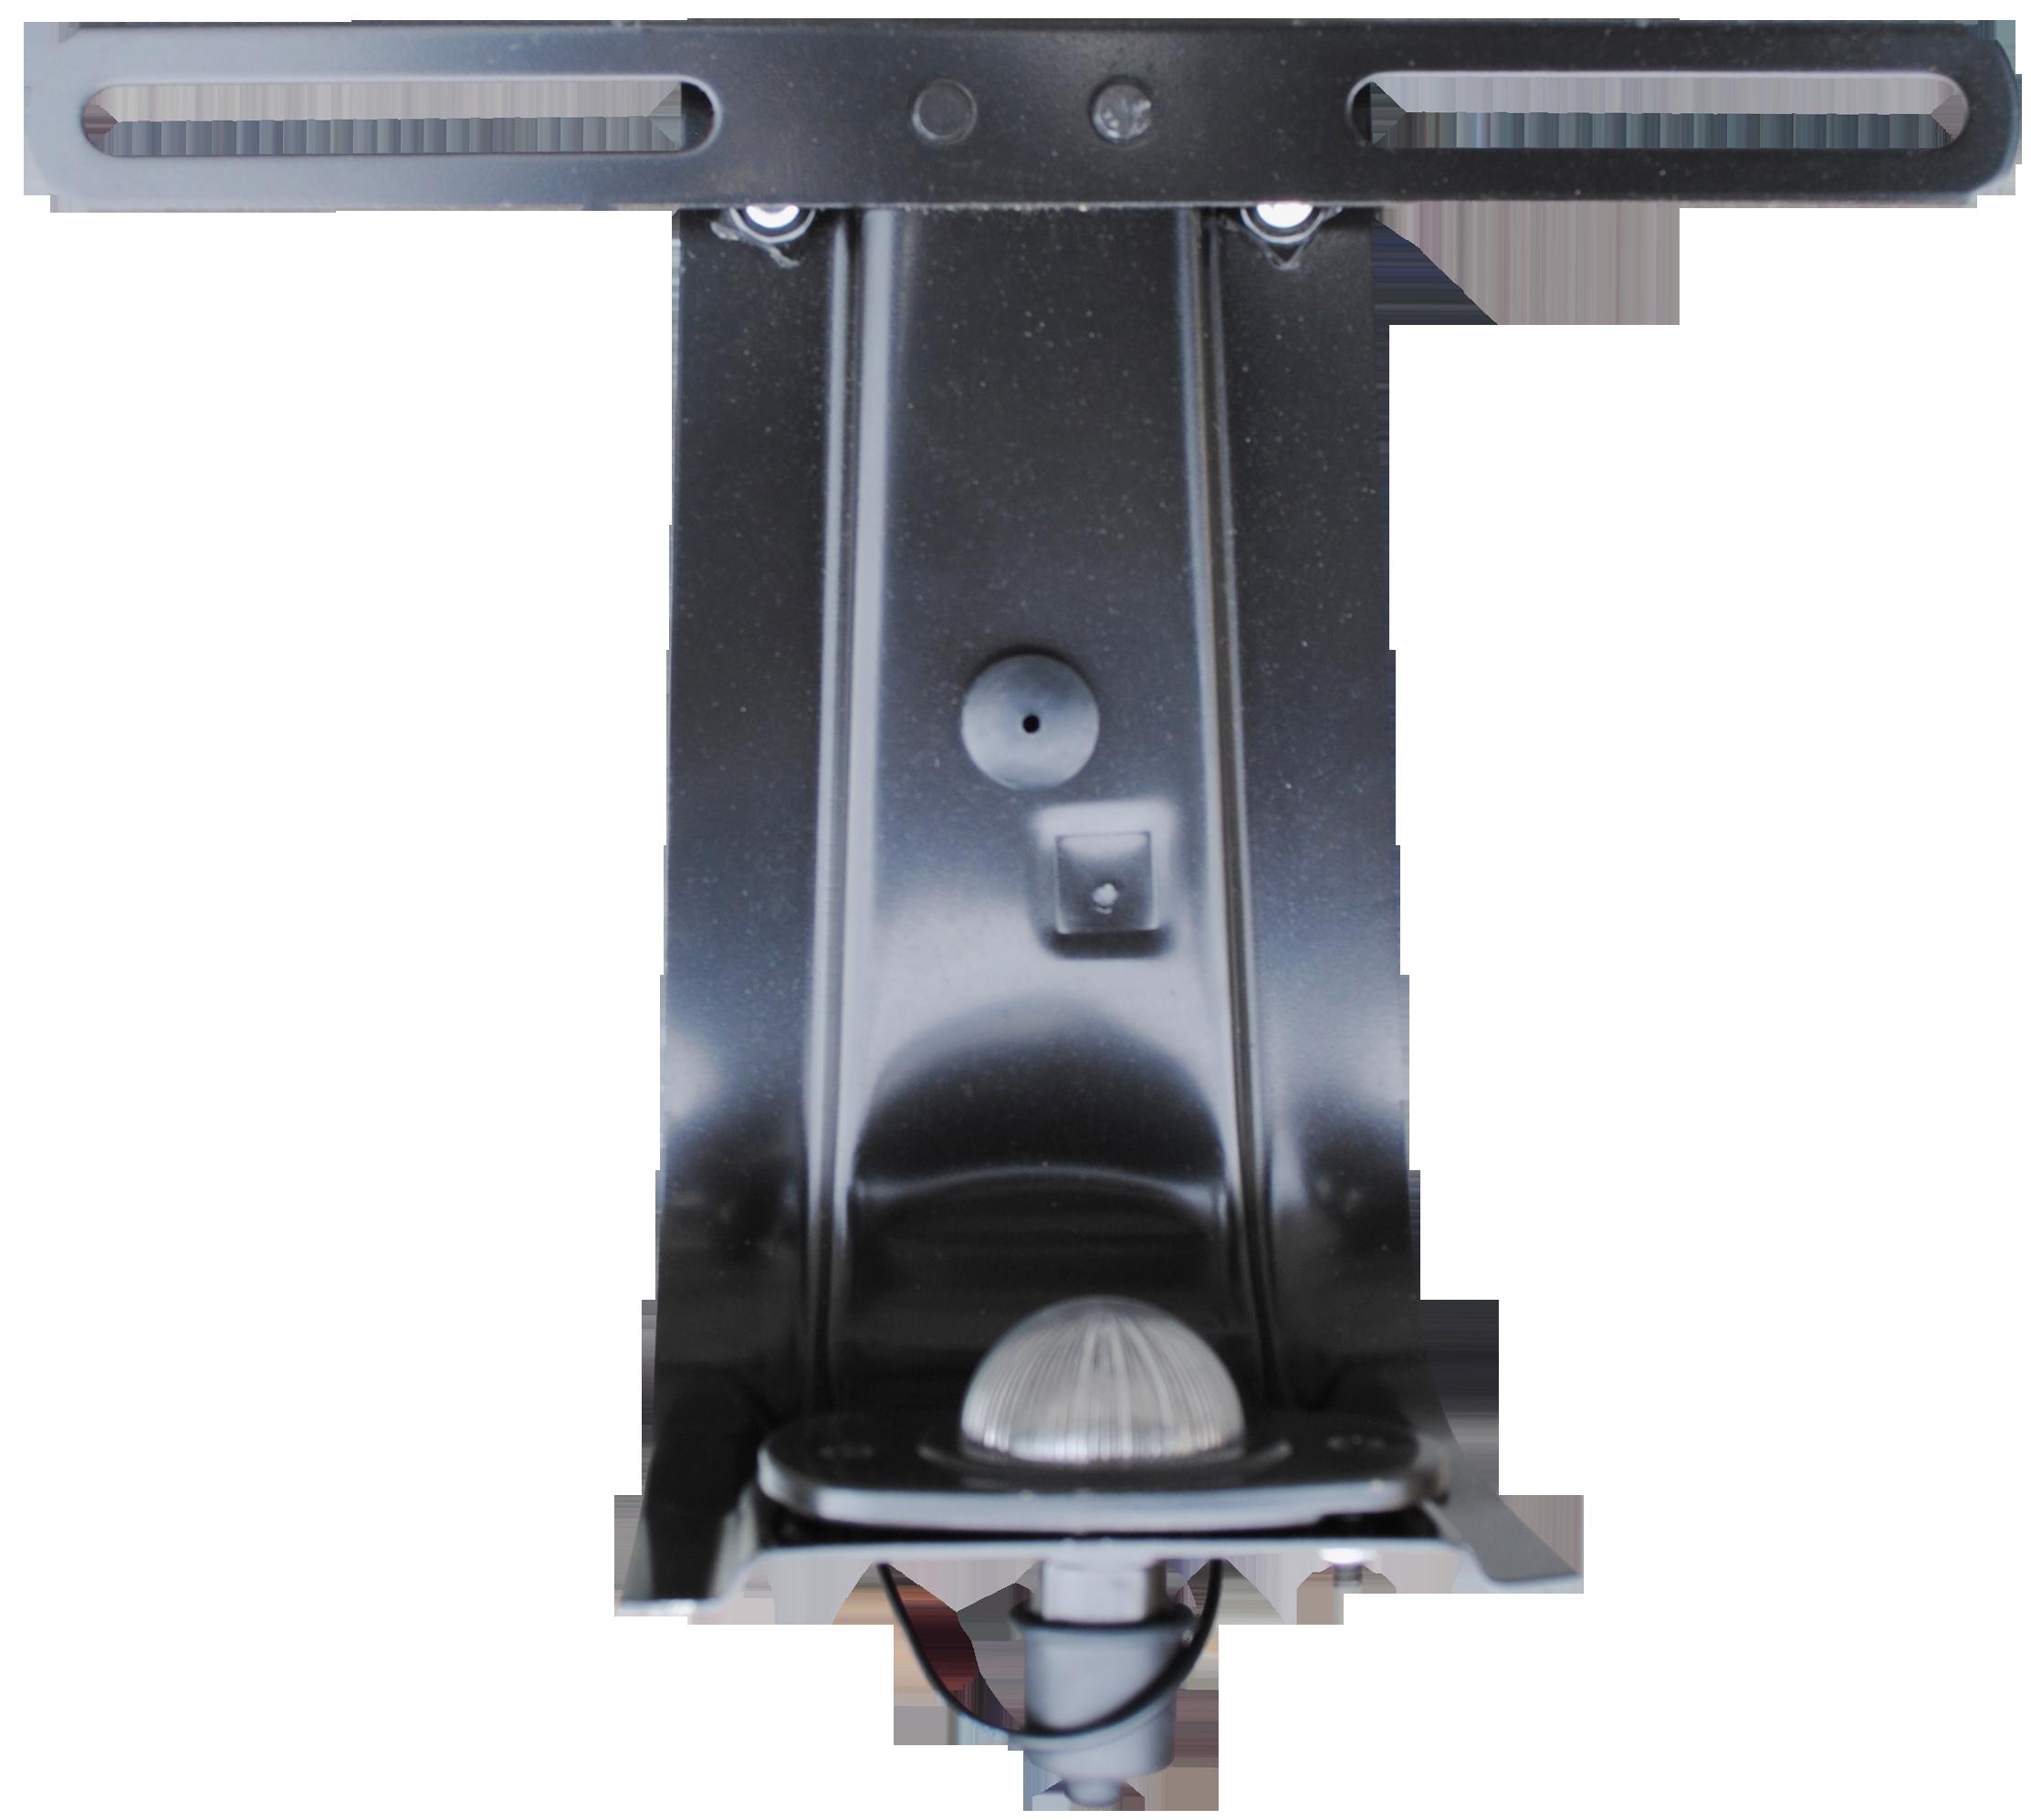 1954-59 C10 rear license plate bracket w/lamp